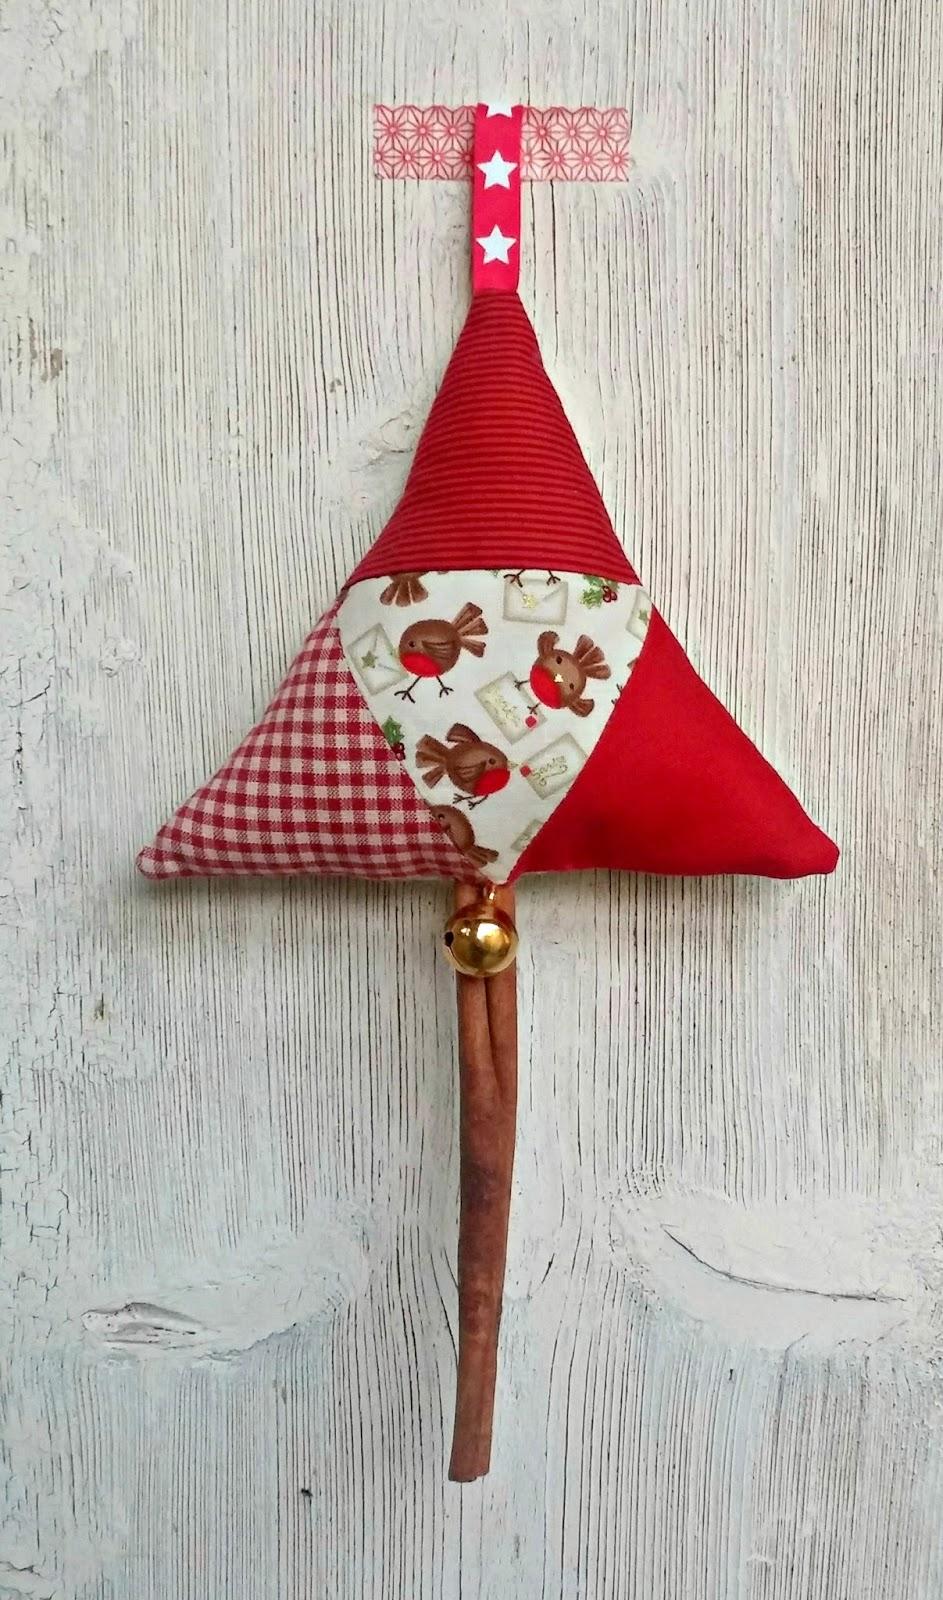 Ella nesta 39 s little room come creare decorazioni - Decorazioni natalizie per la porta di casa ...